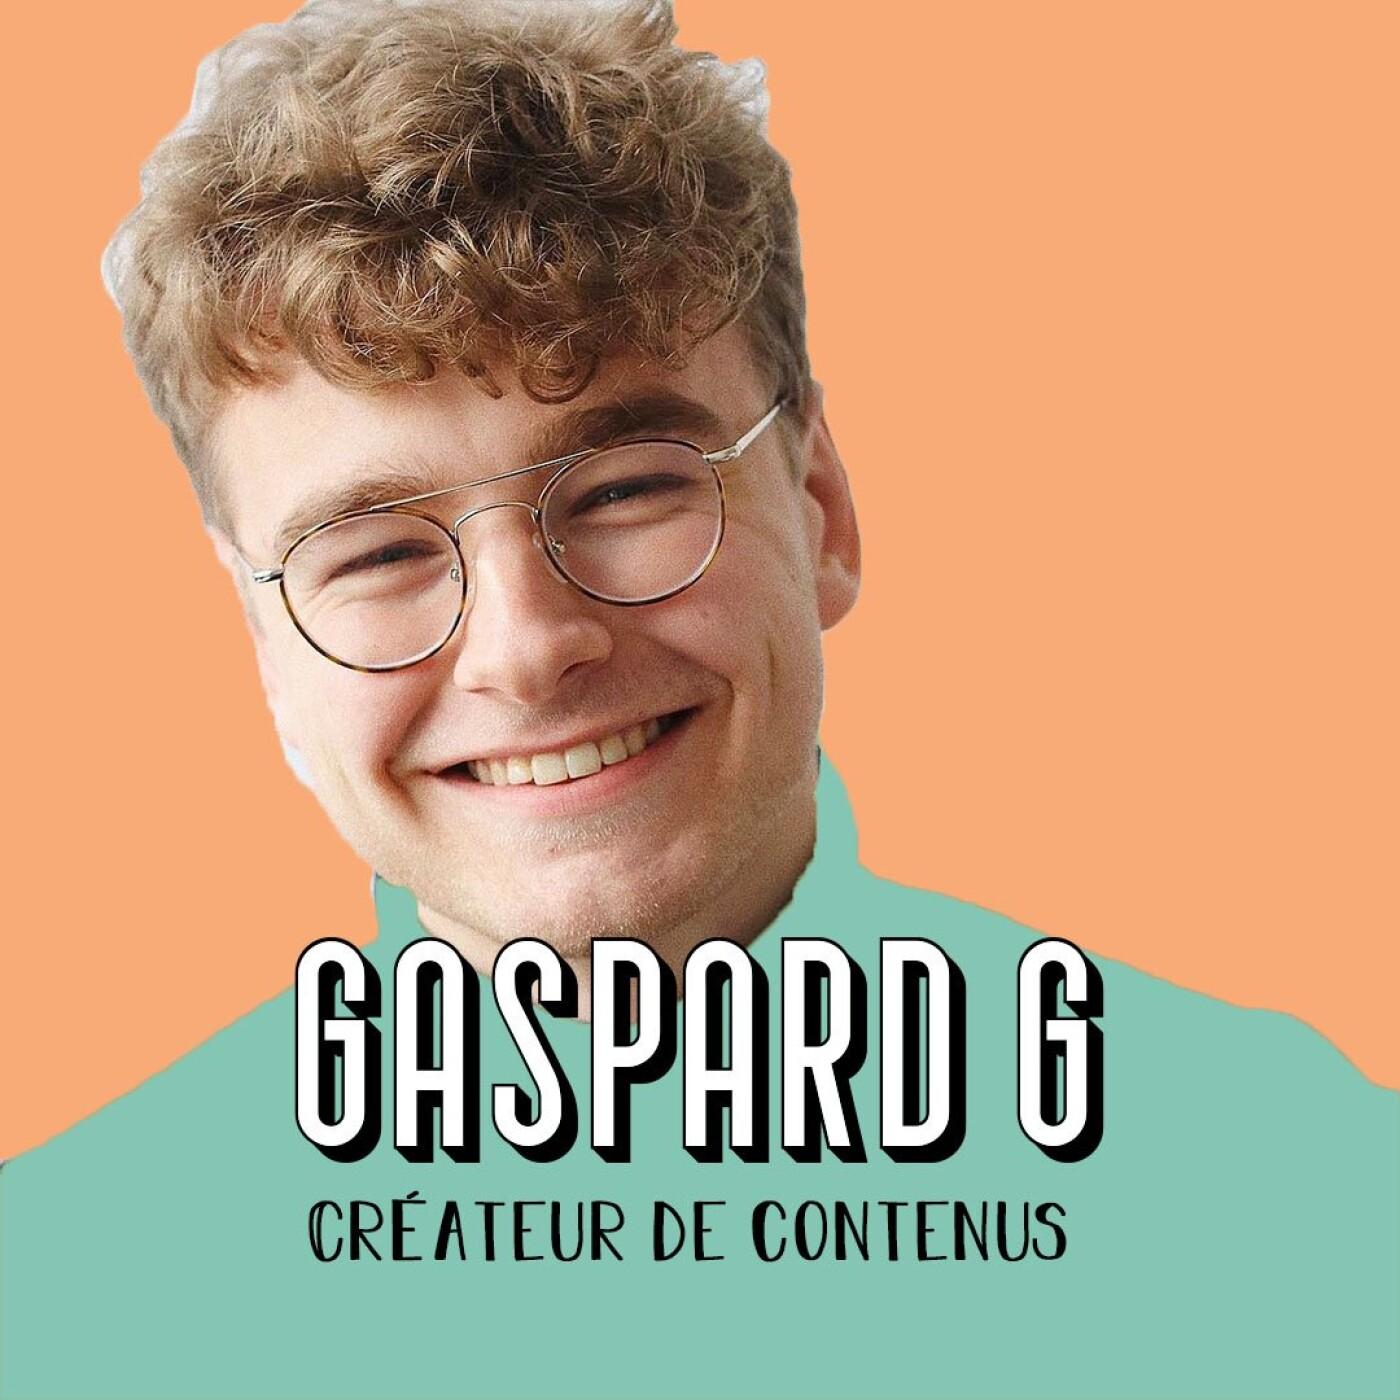 [EXTRAIT] - Gaspard G, Créateur de contenus - Comment bien s'entourer ?